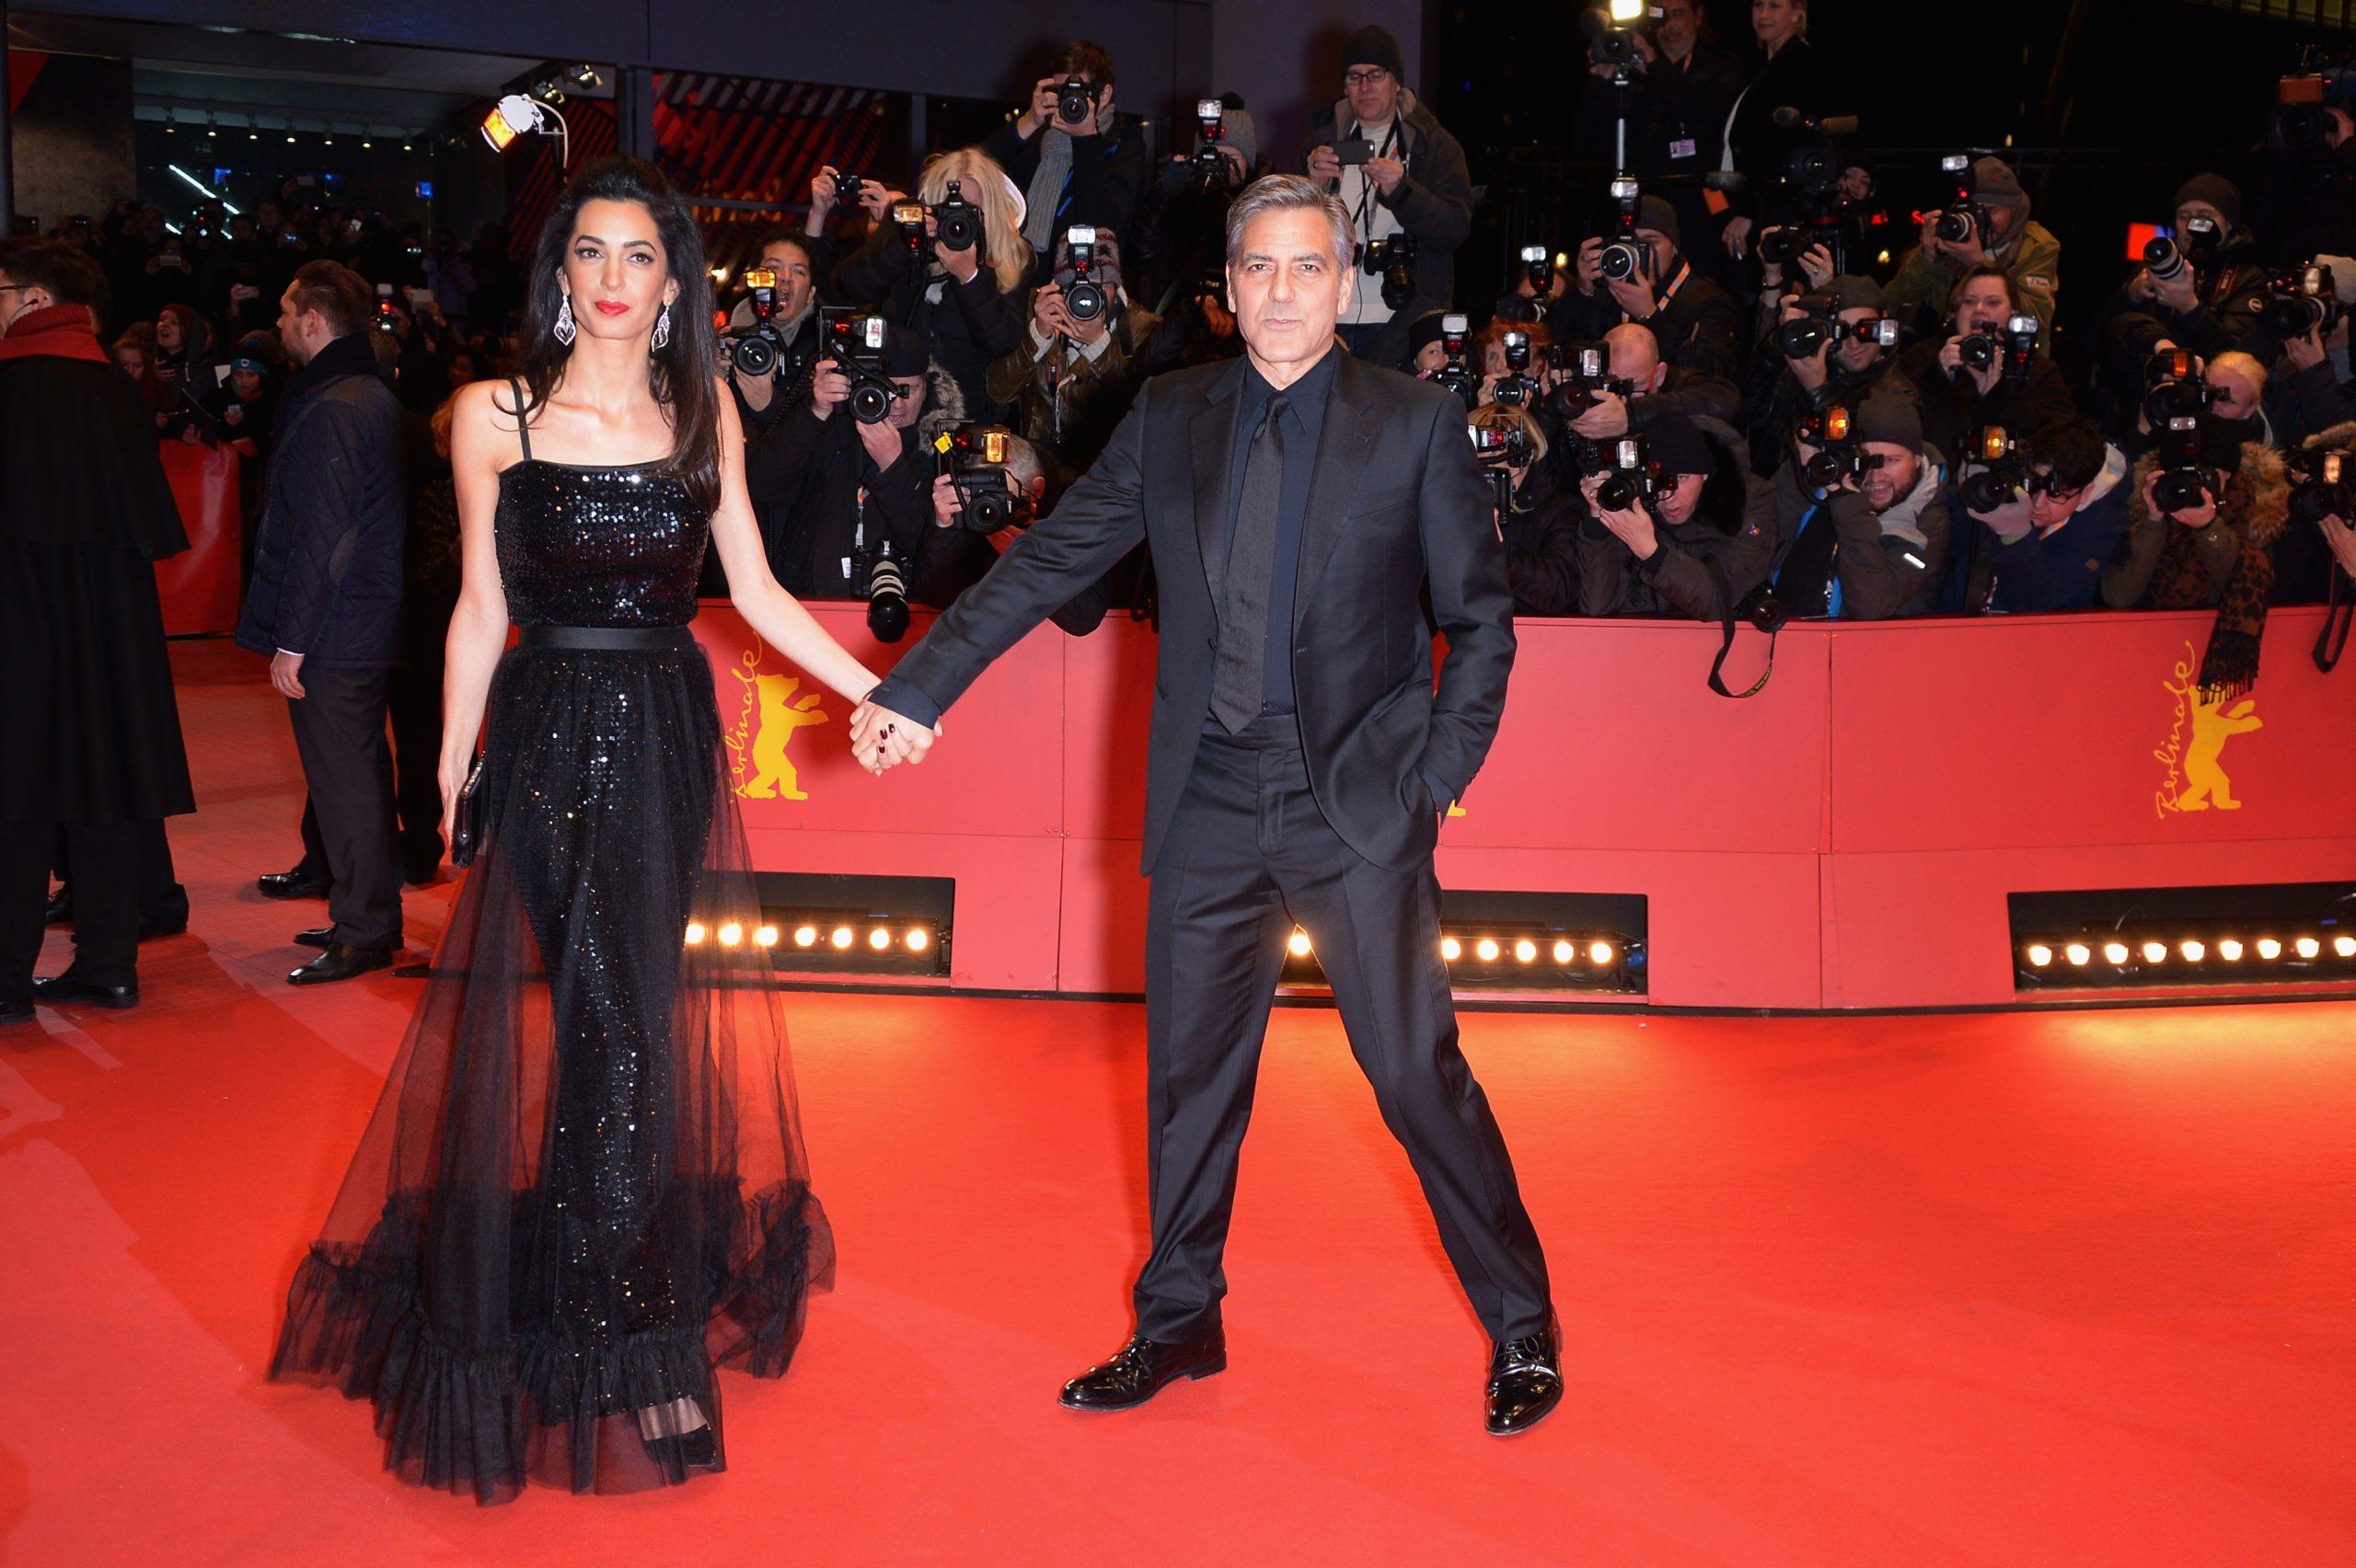 Clooney y Alamuddin contrajeron matrimonio el 27 de setiembre de 2014 en una ceremonia que se llevó a cabo en Venecia.